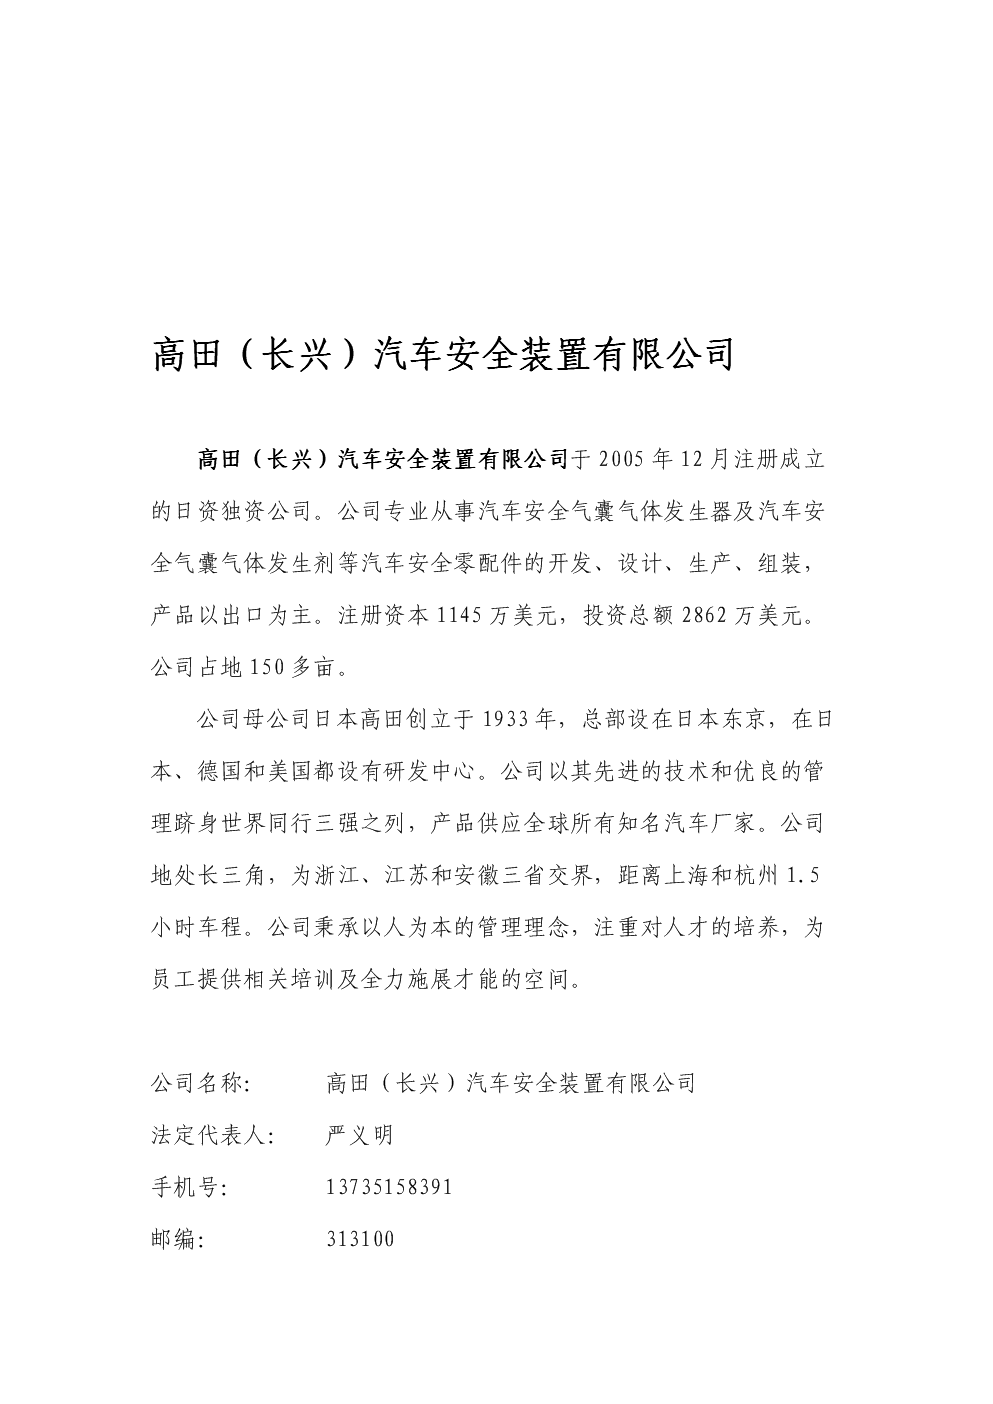 高田(长兴)汽车安全装置有限公司.doc